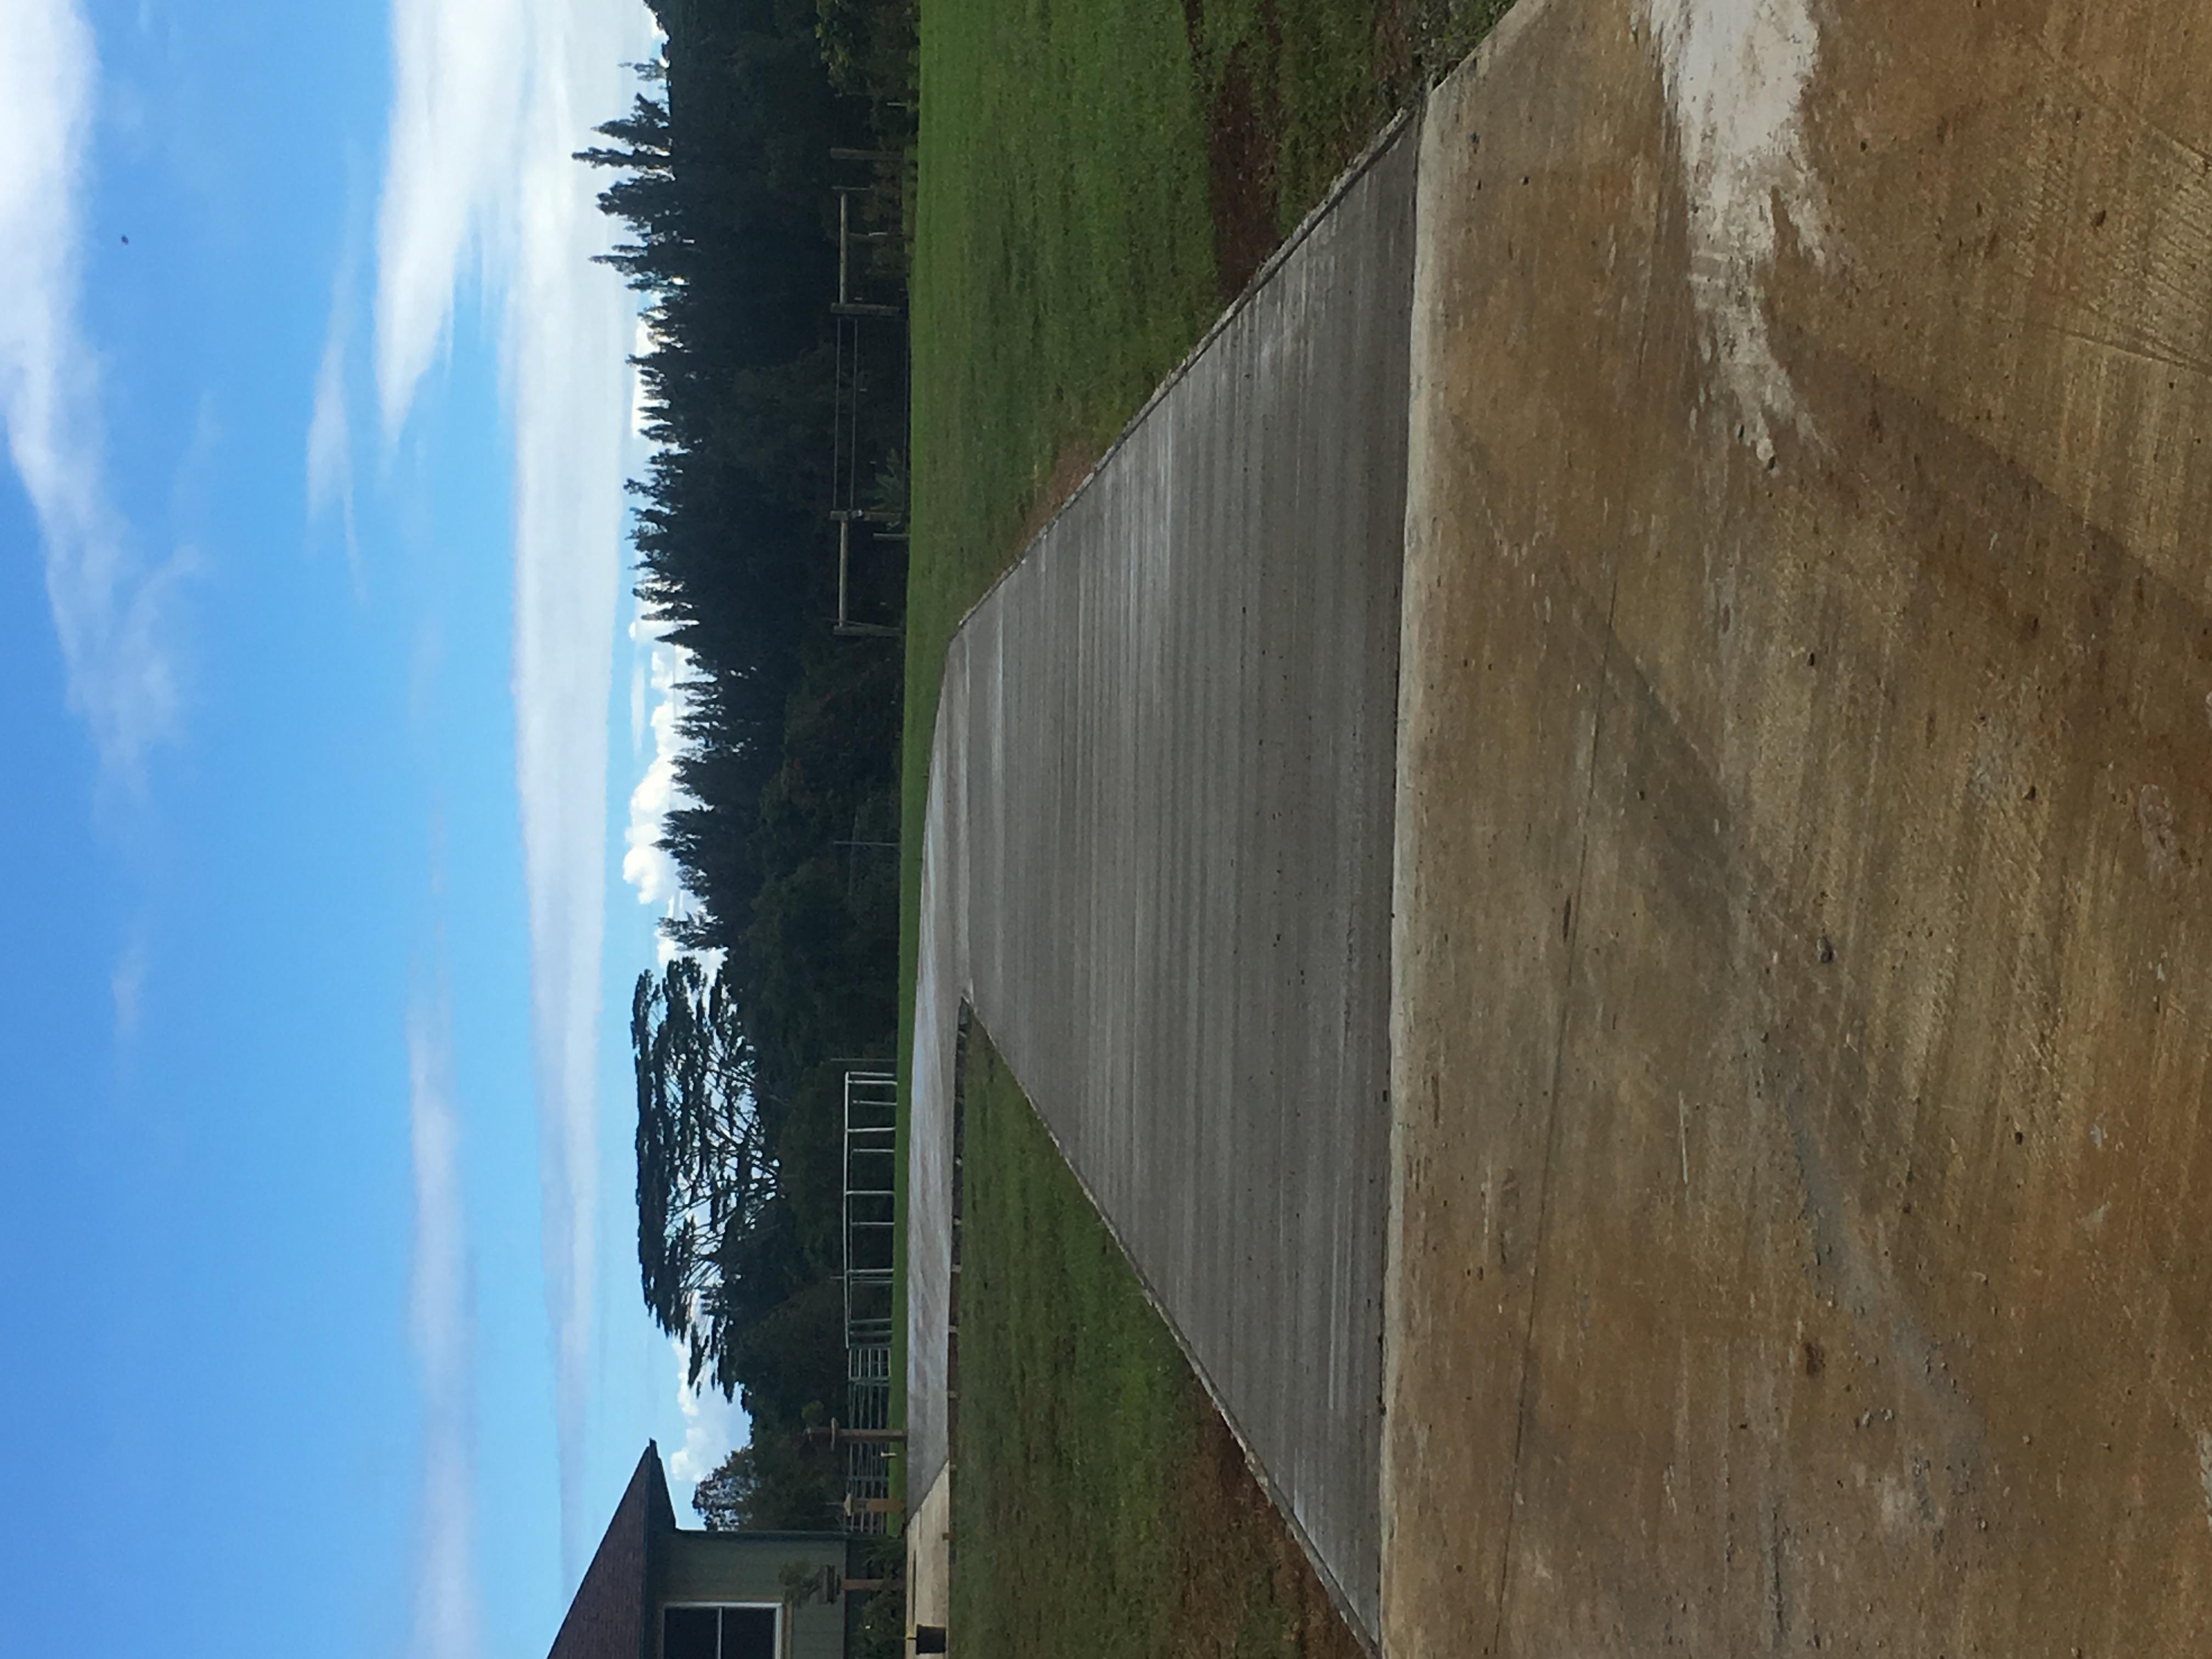 Hauiki Driveway